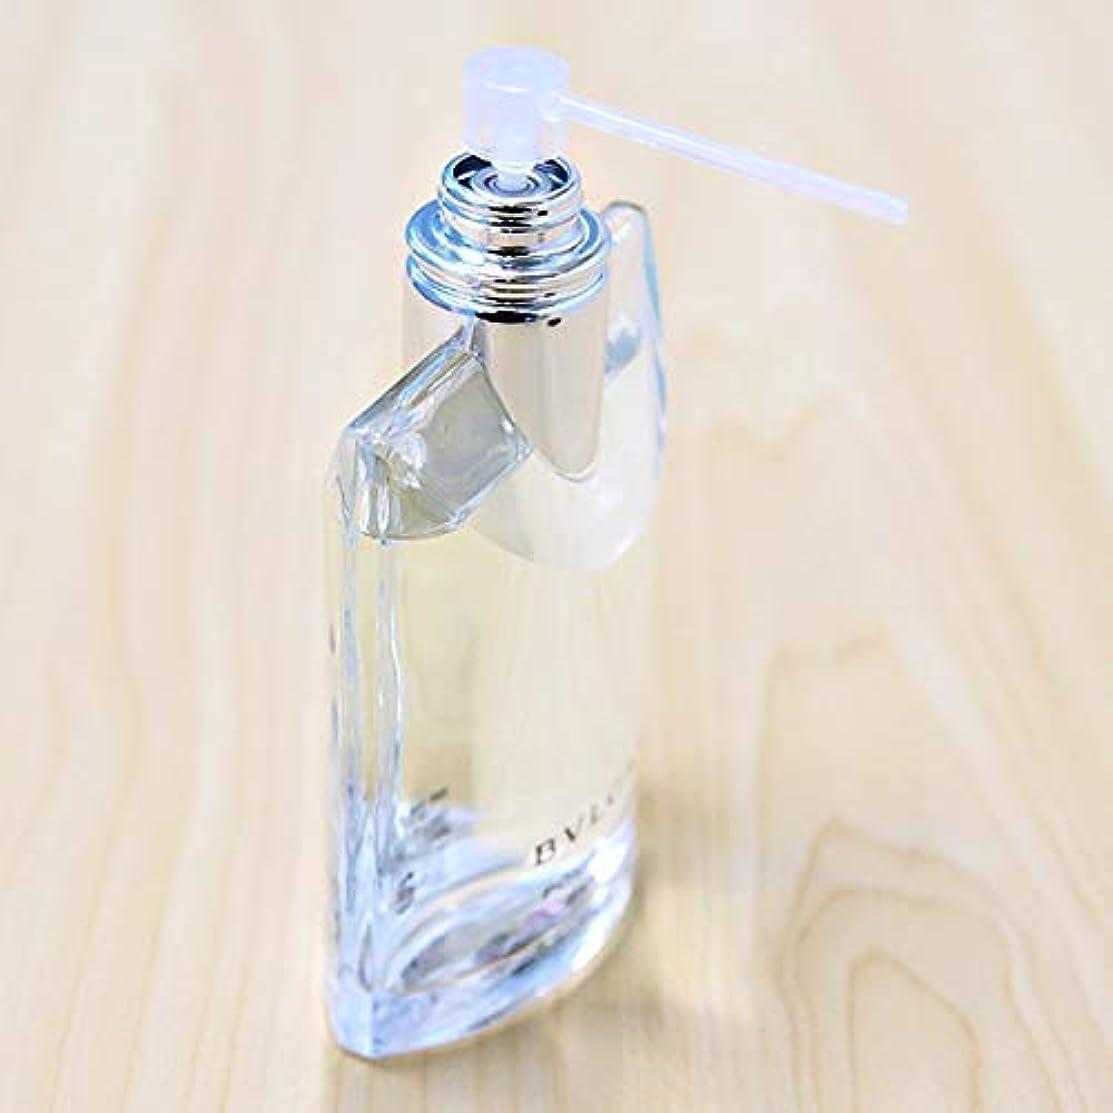 結果鉛筆残高【単品】 香水 詰め替え ノズル アトマイザー 簡単 詰め替え プッシュ ポンプ ストロー スプレーボトル